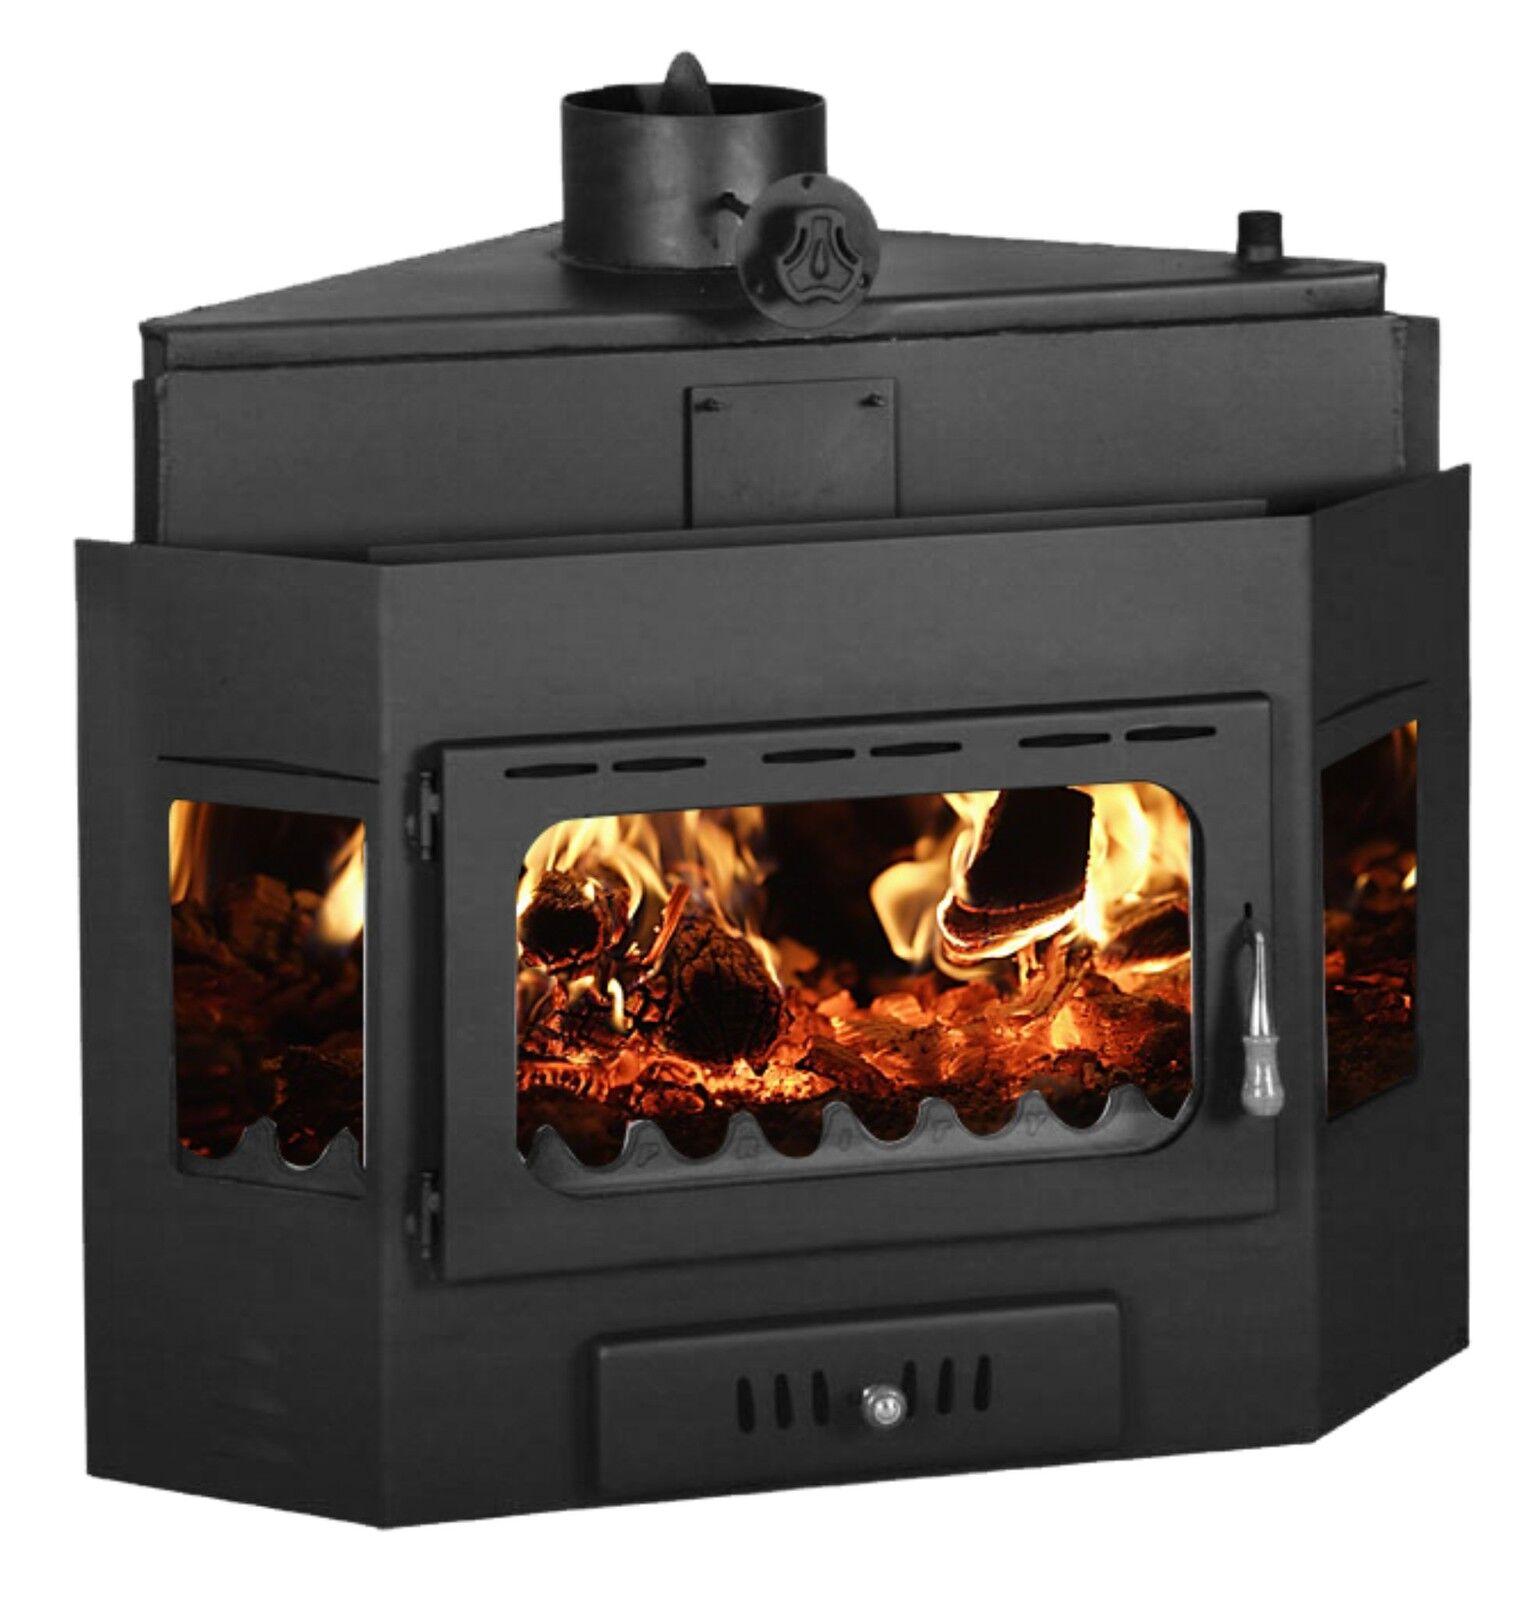 Fabricant Poele A Bois Espagne détails sur cheminée intégré intégré chaudière insert moderne poêle à bois  prity А w20